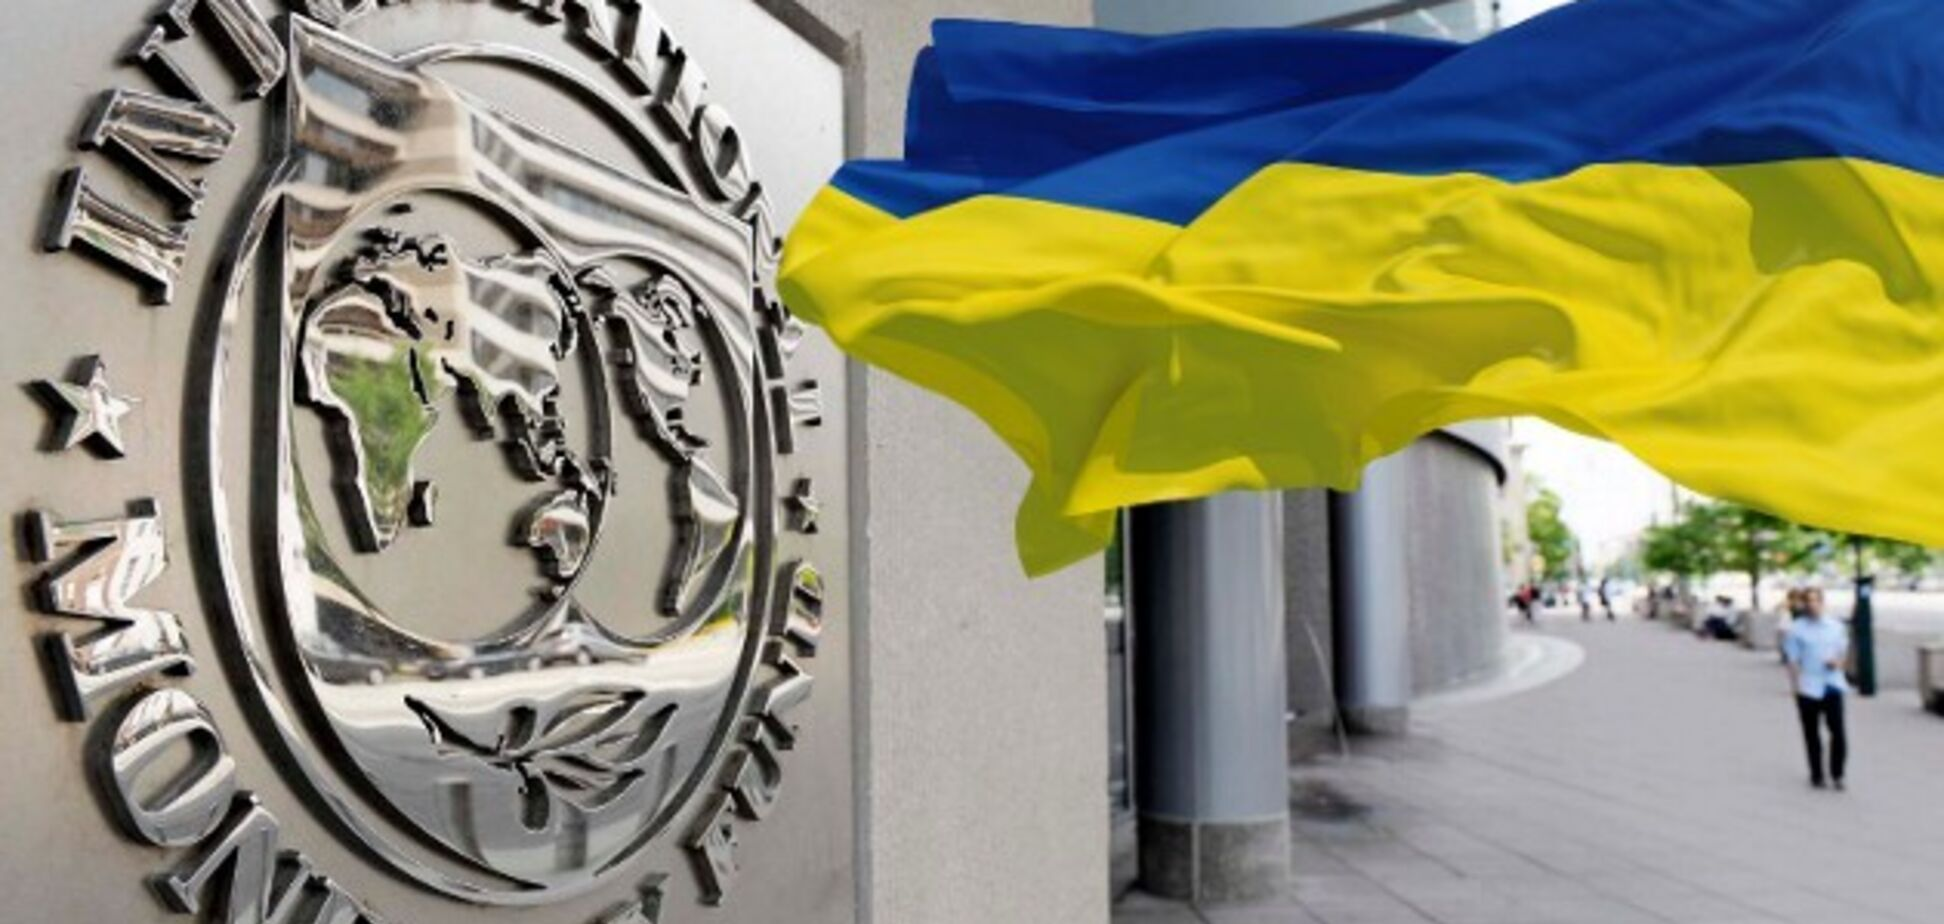 В МВФ избрали нового главу: что известно об историческом назначении